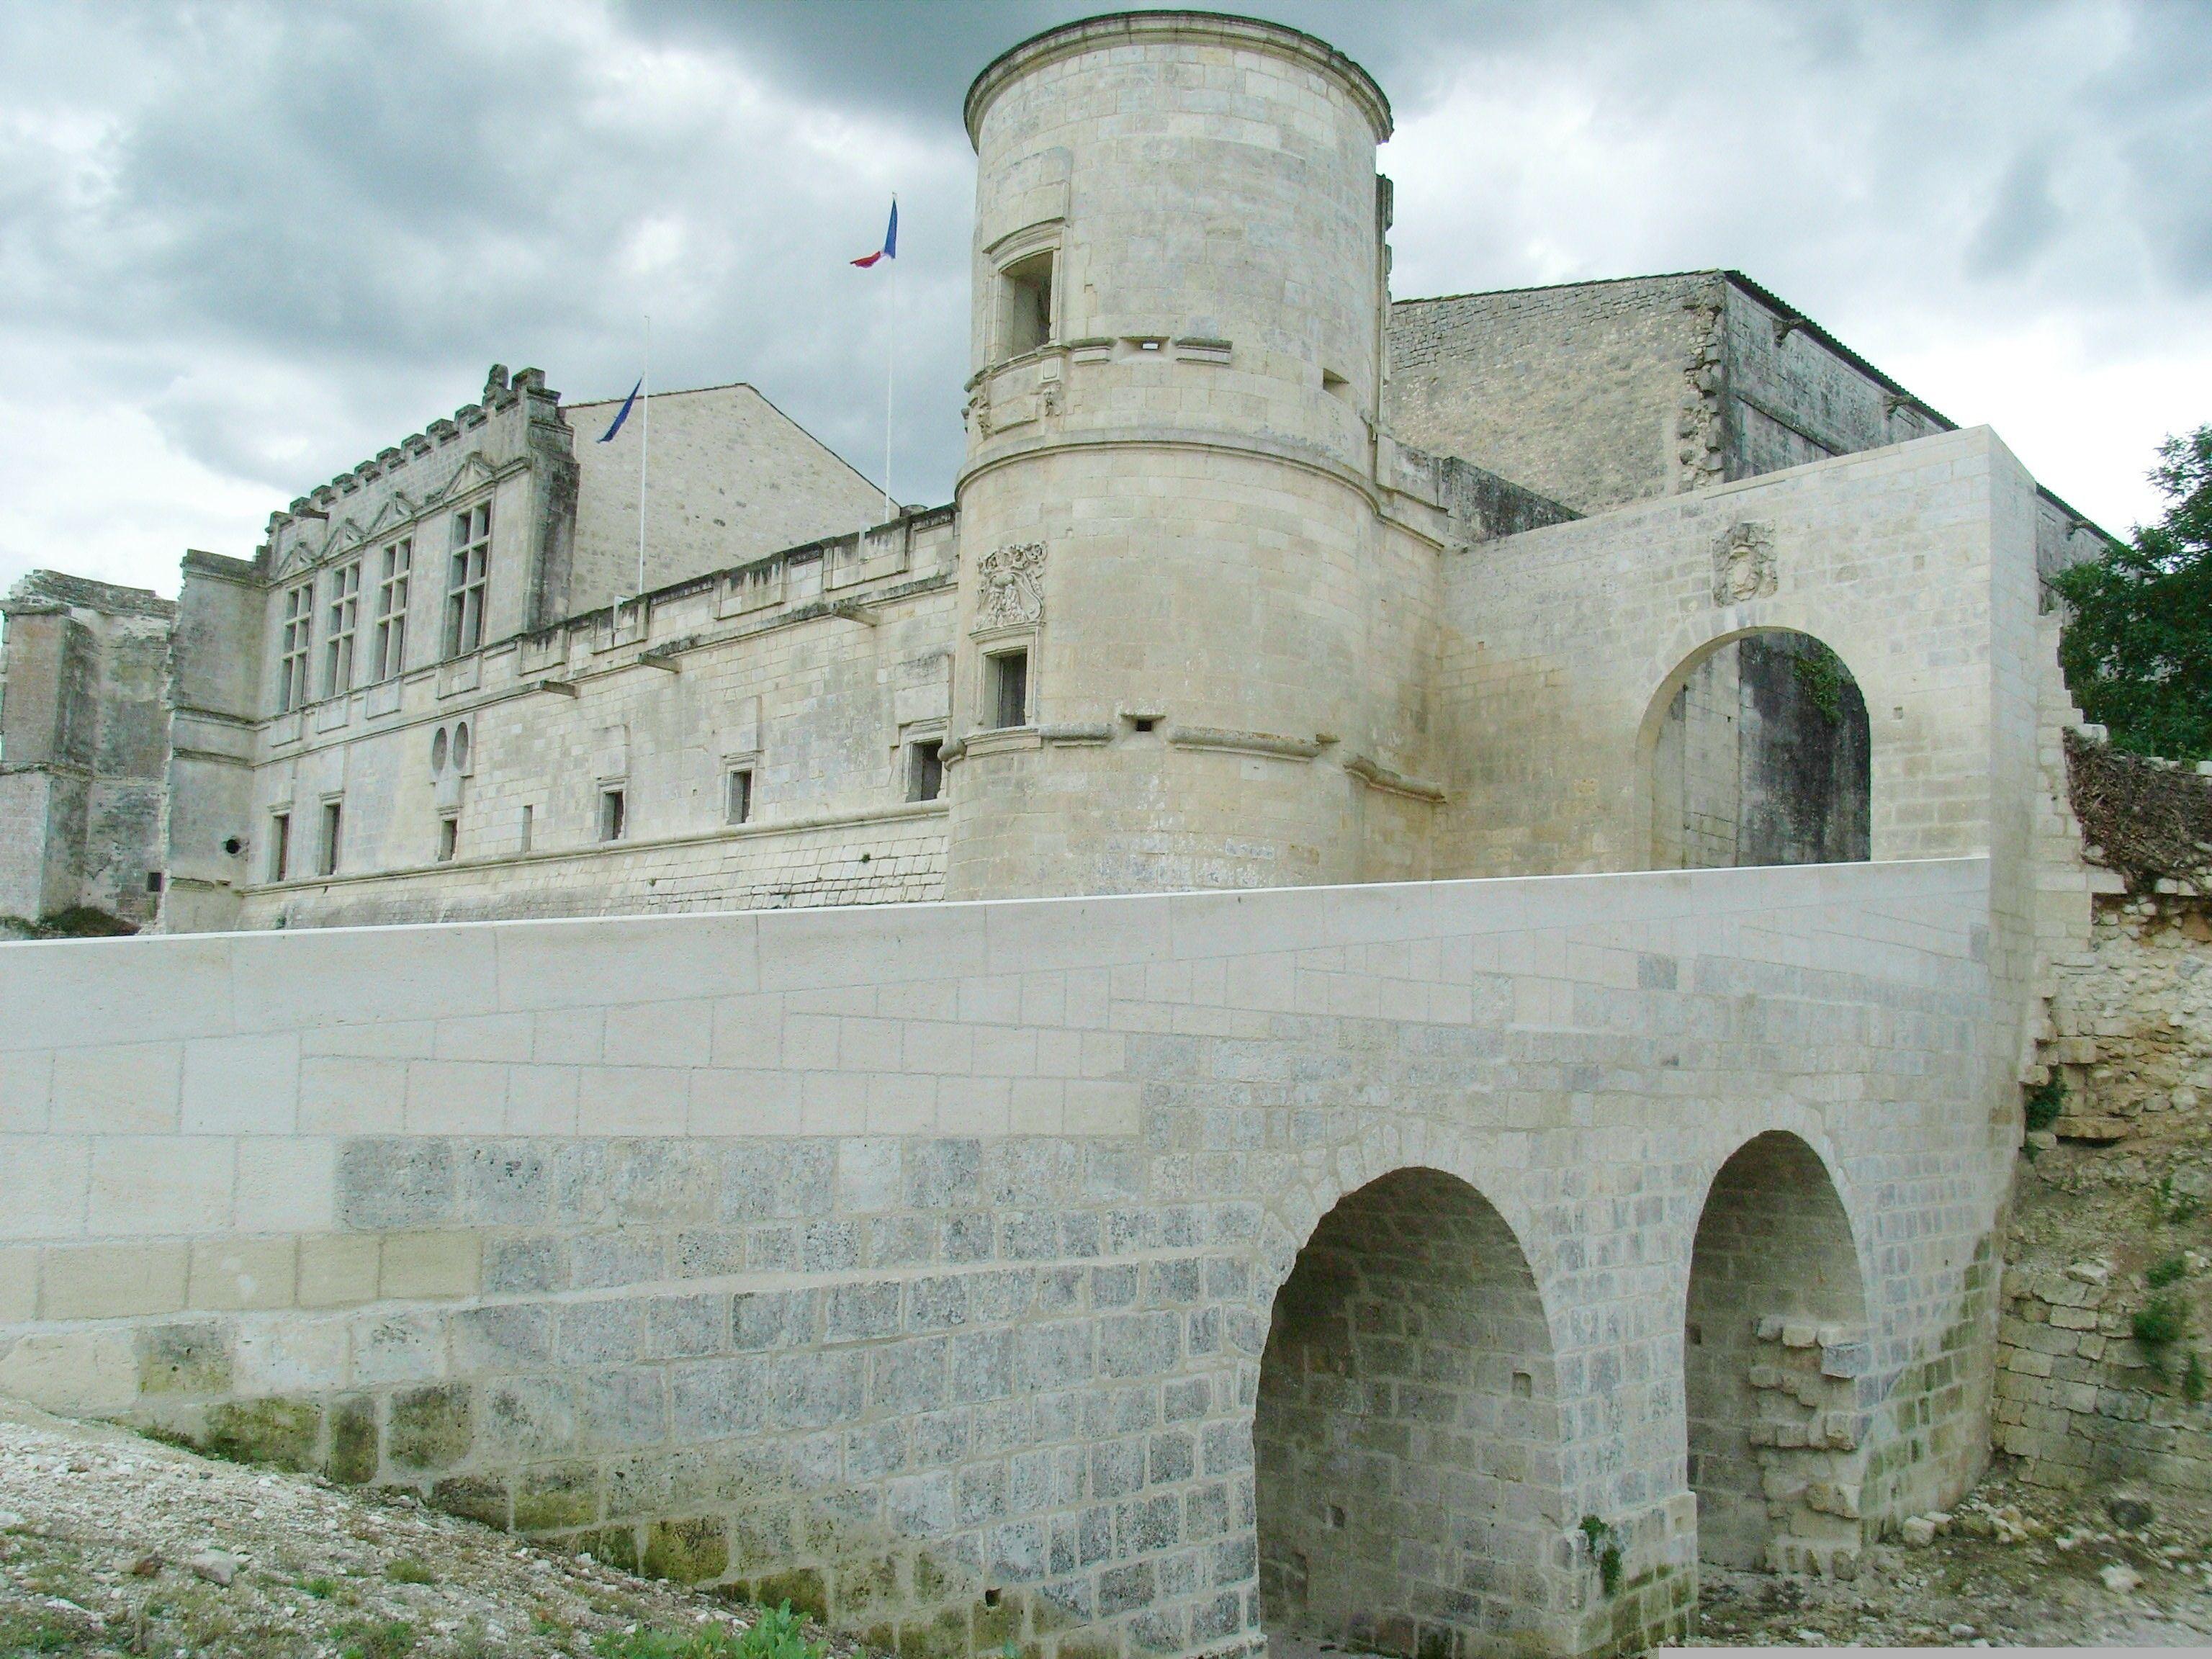 Le Chateau De Bouteville En Charente Locations Vacances France Geographie